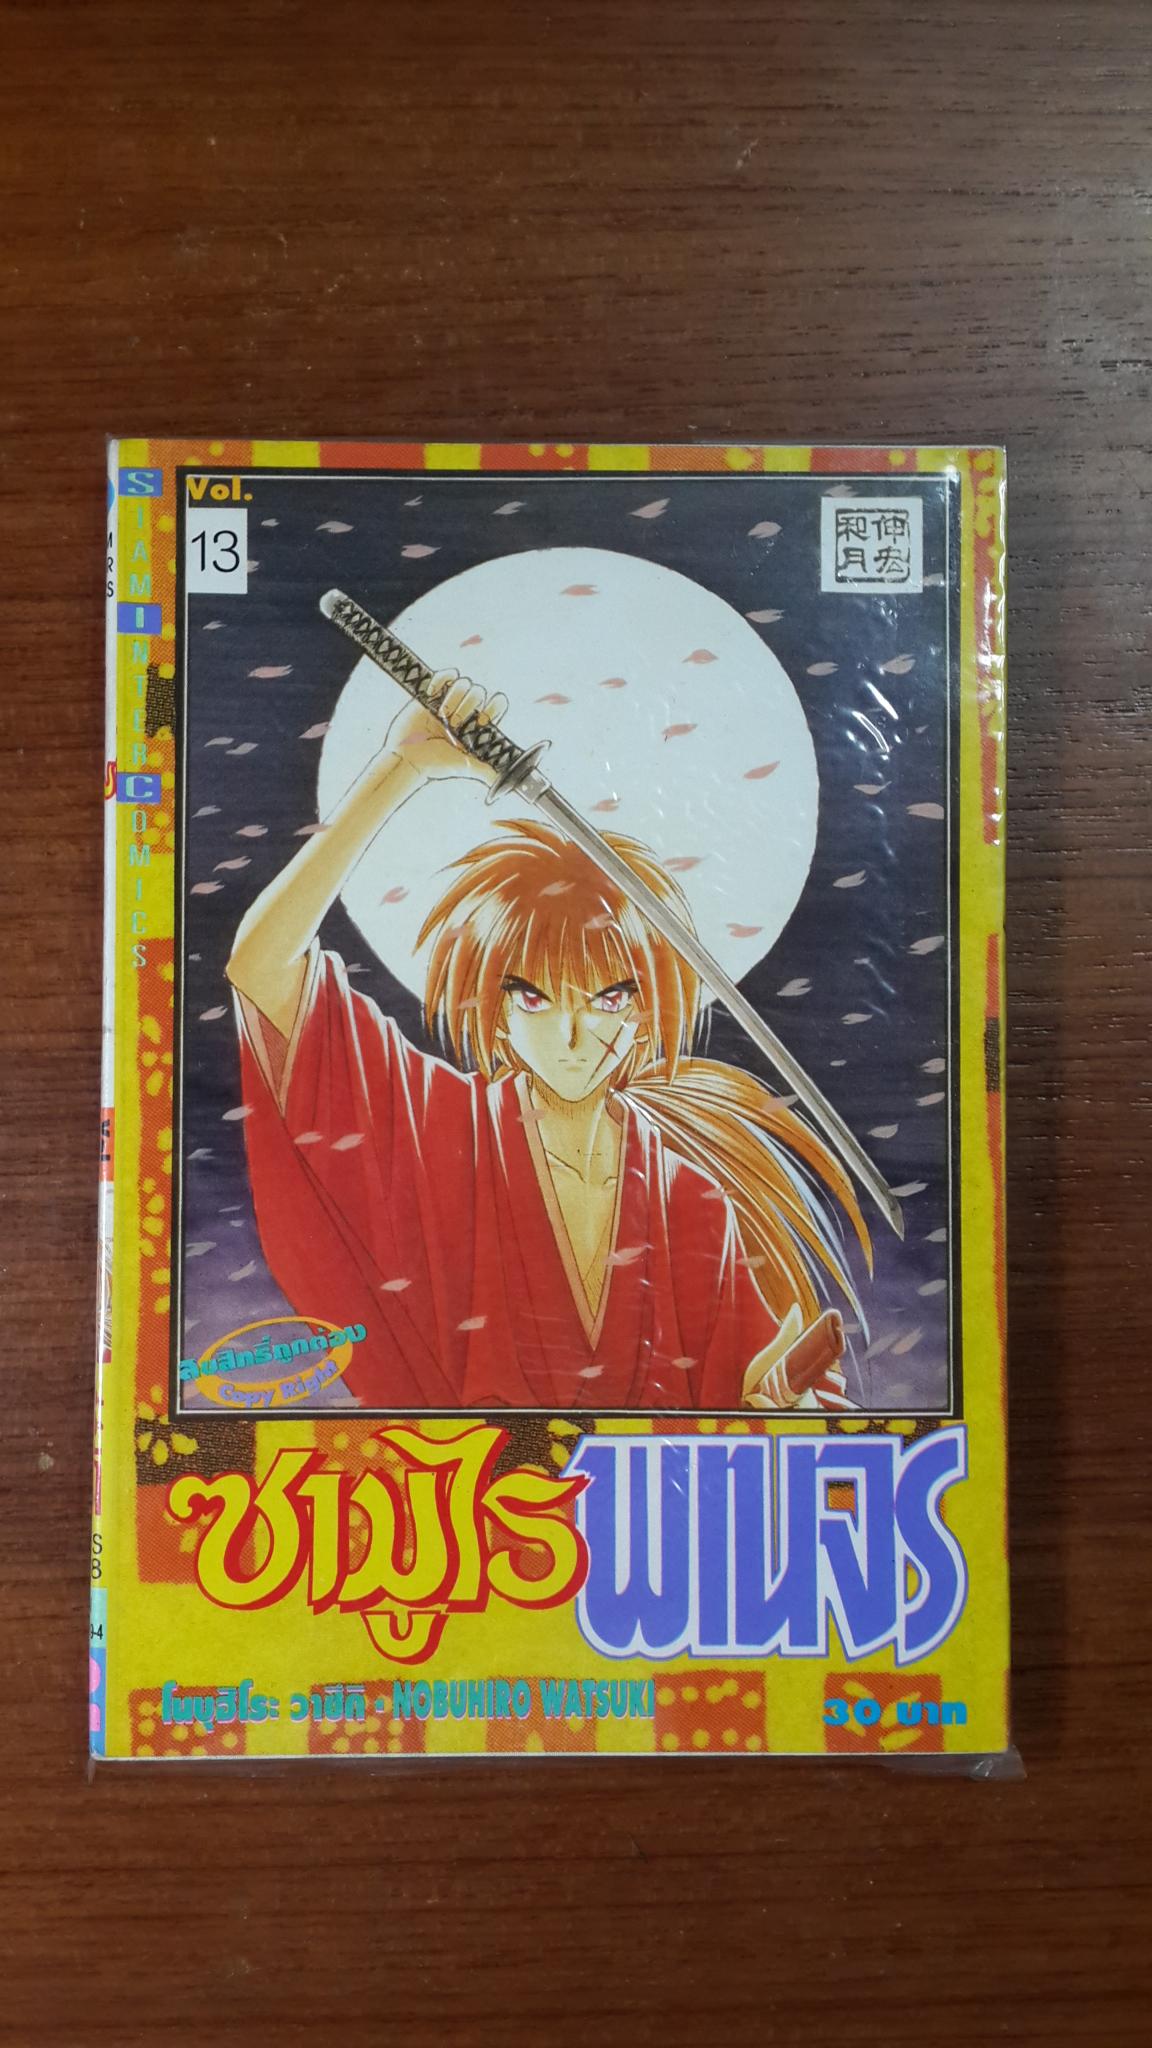 ซามูไรพเนจร Vol.13